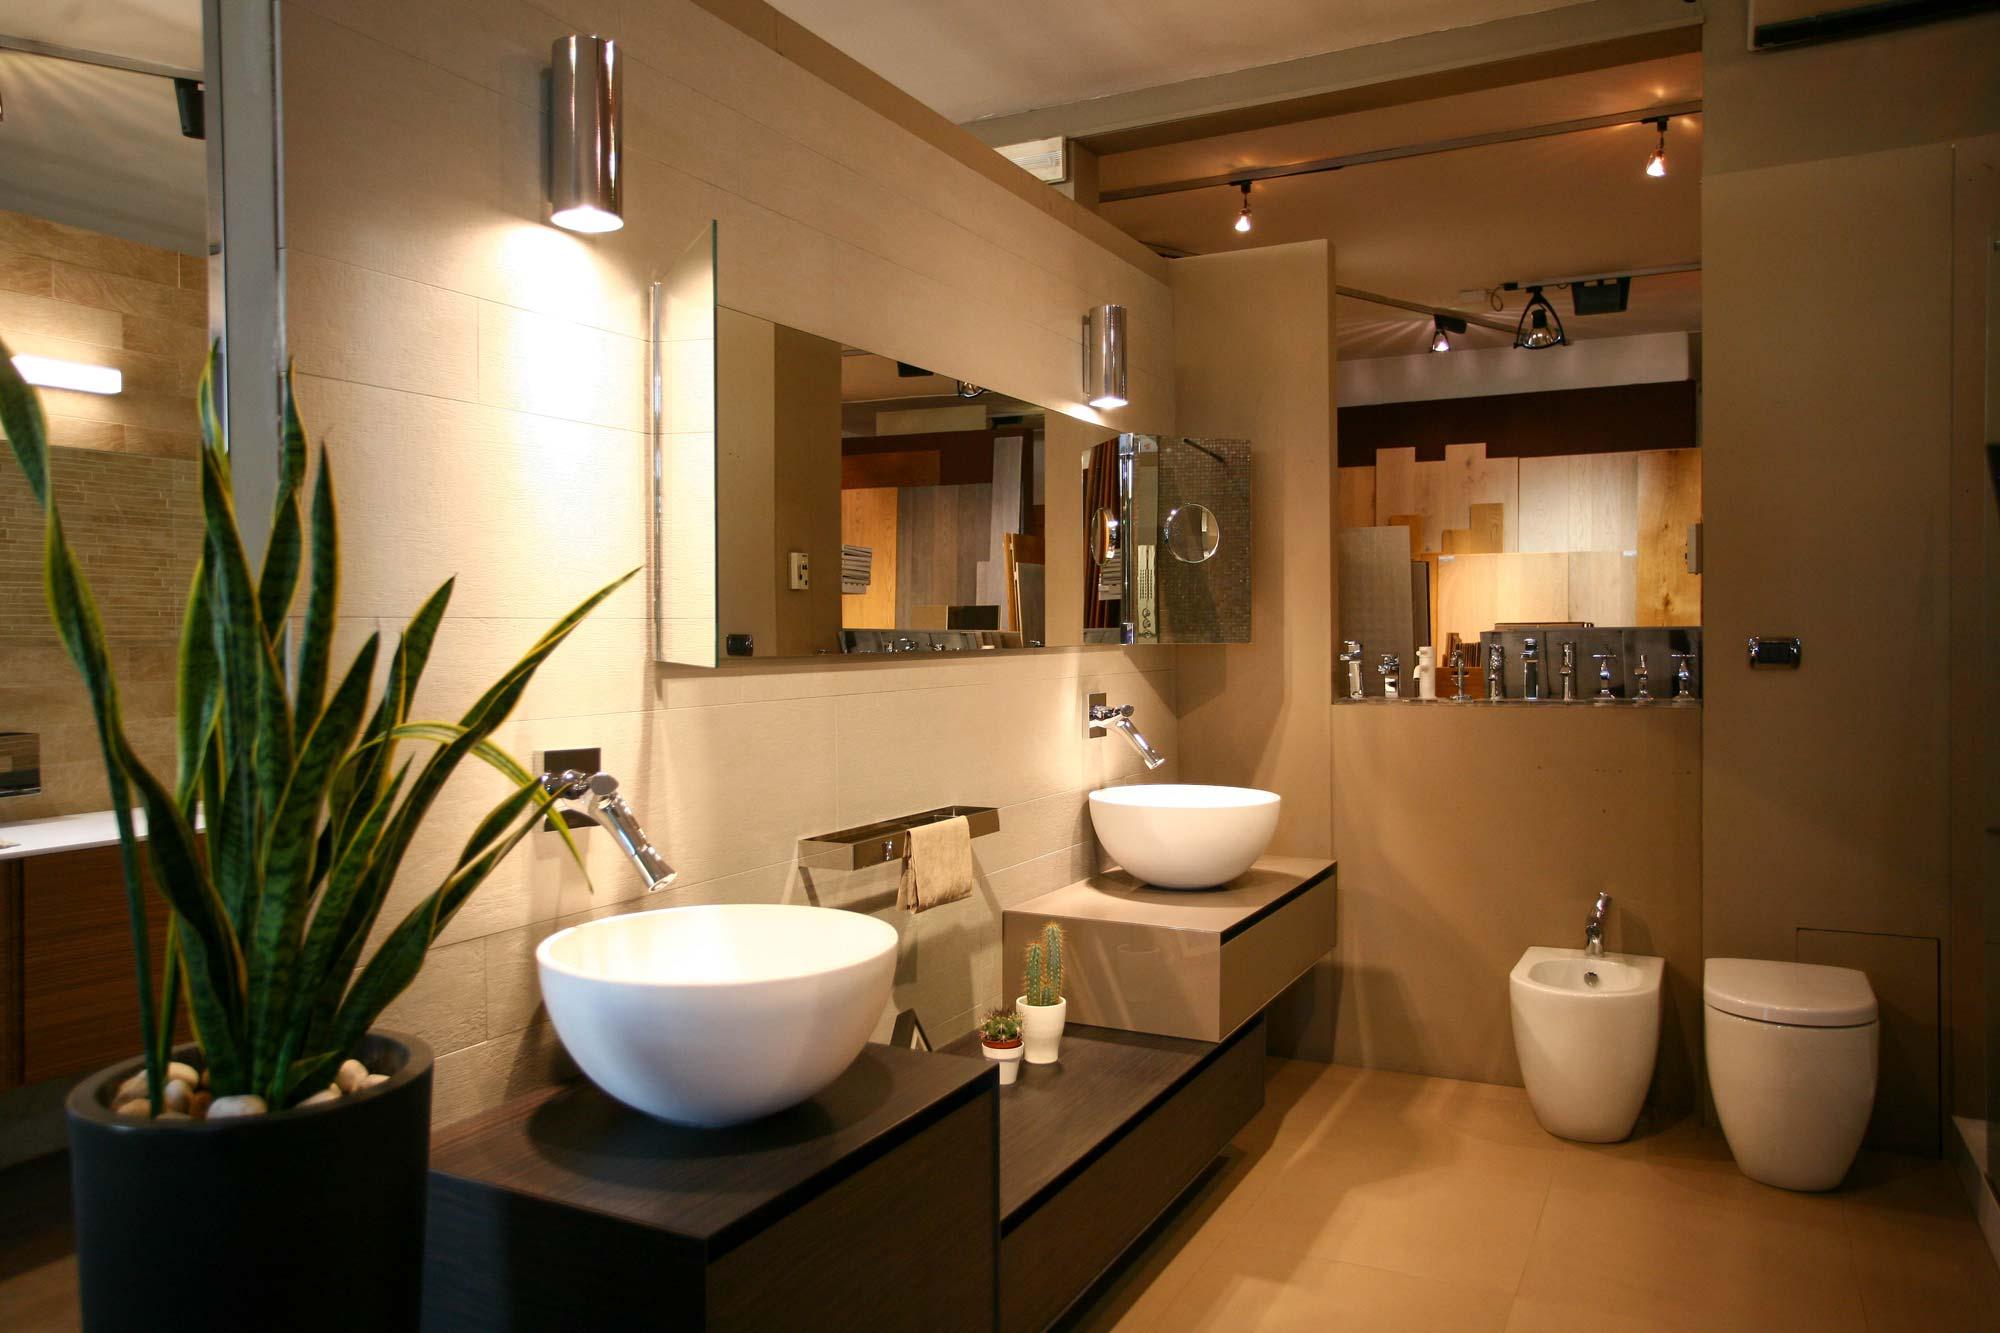 Idee Per Arredare Bagno come arredare il bagno - morandi spa - showroom arredamento